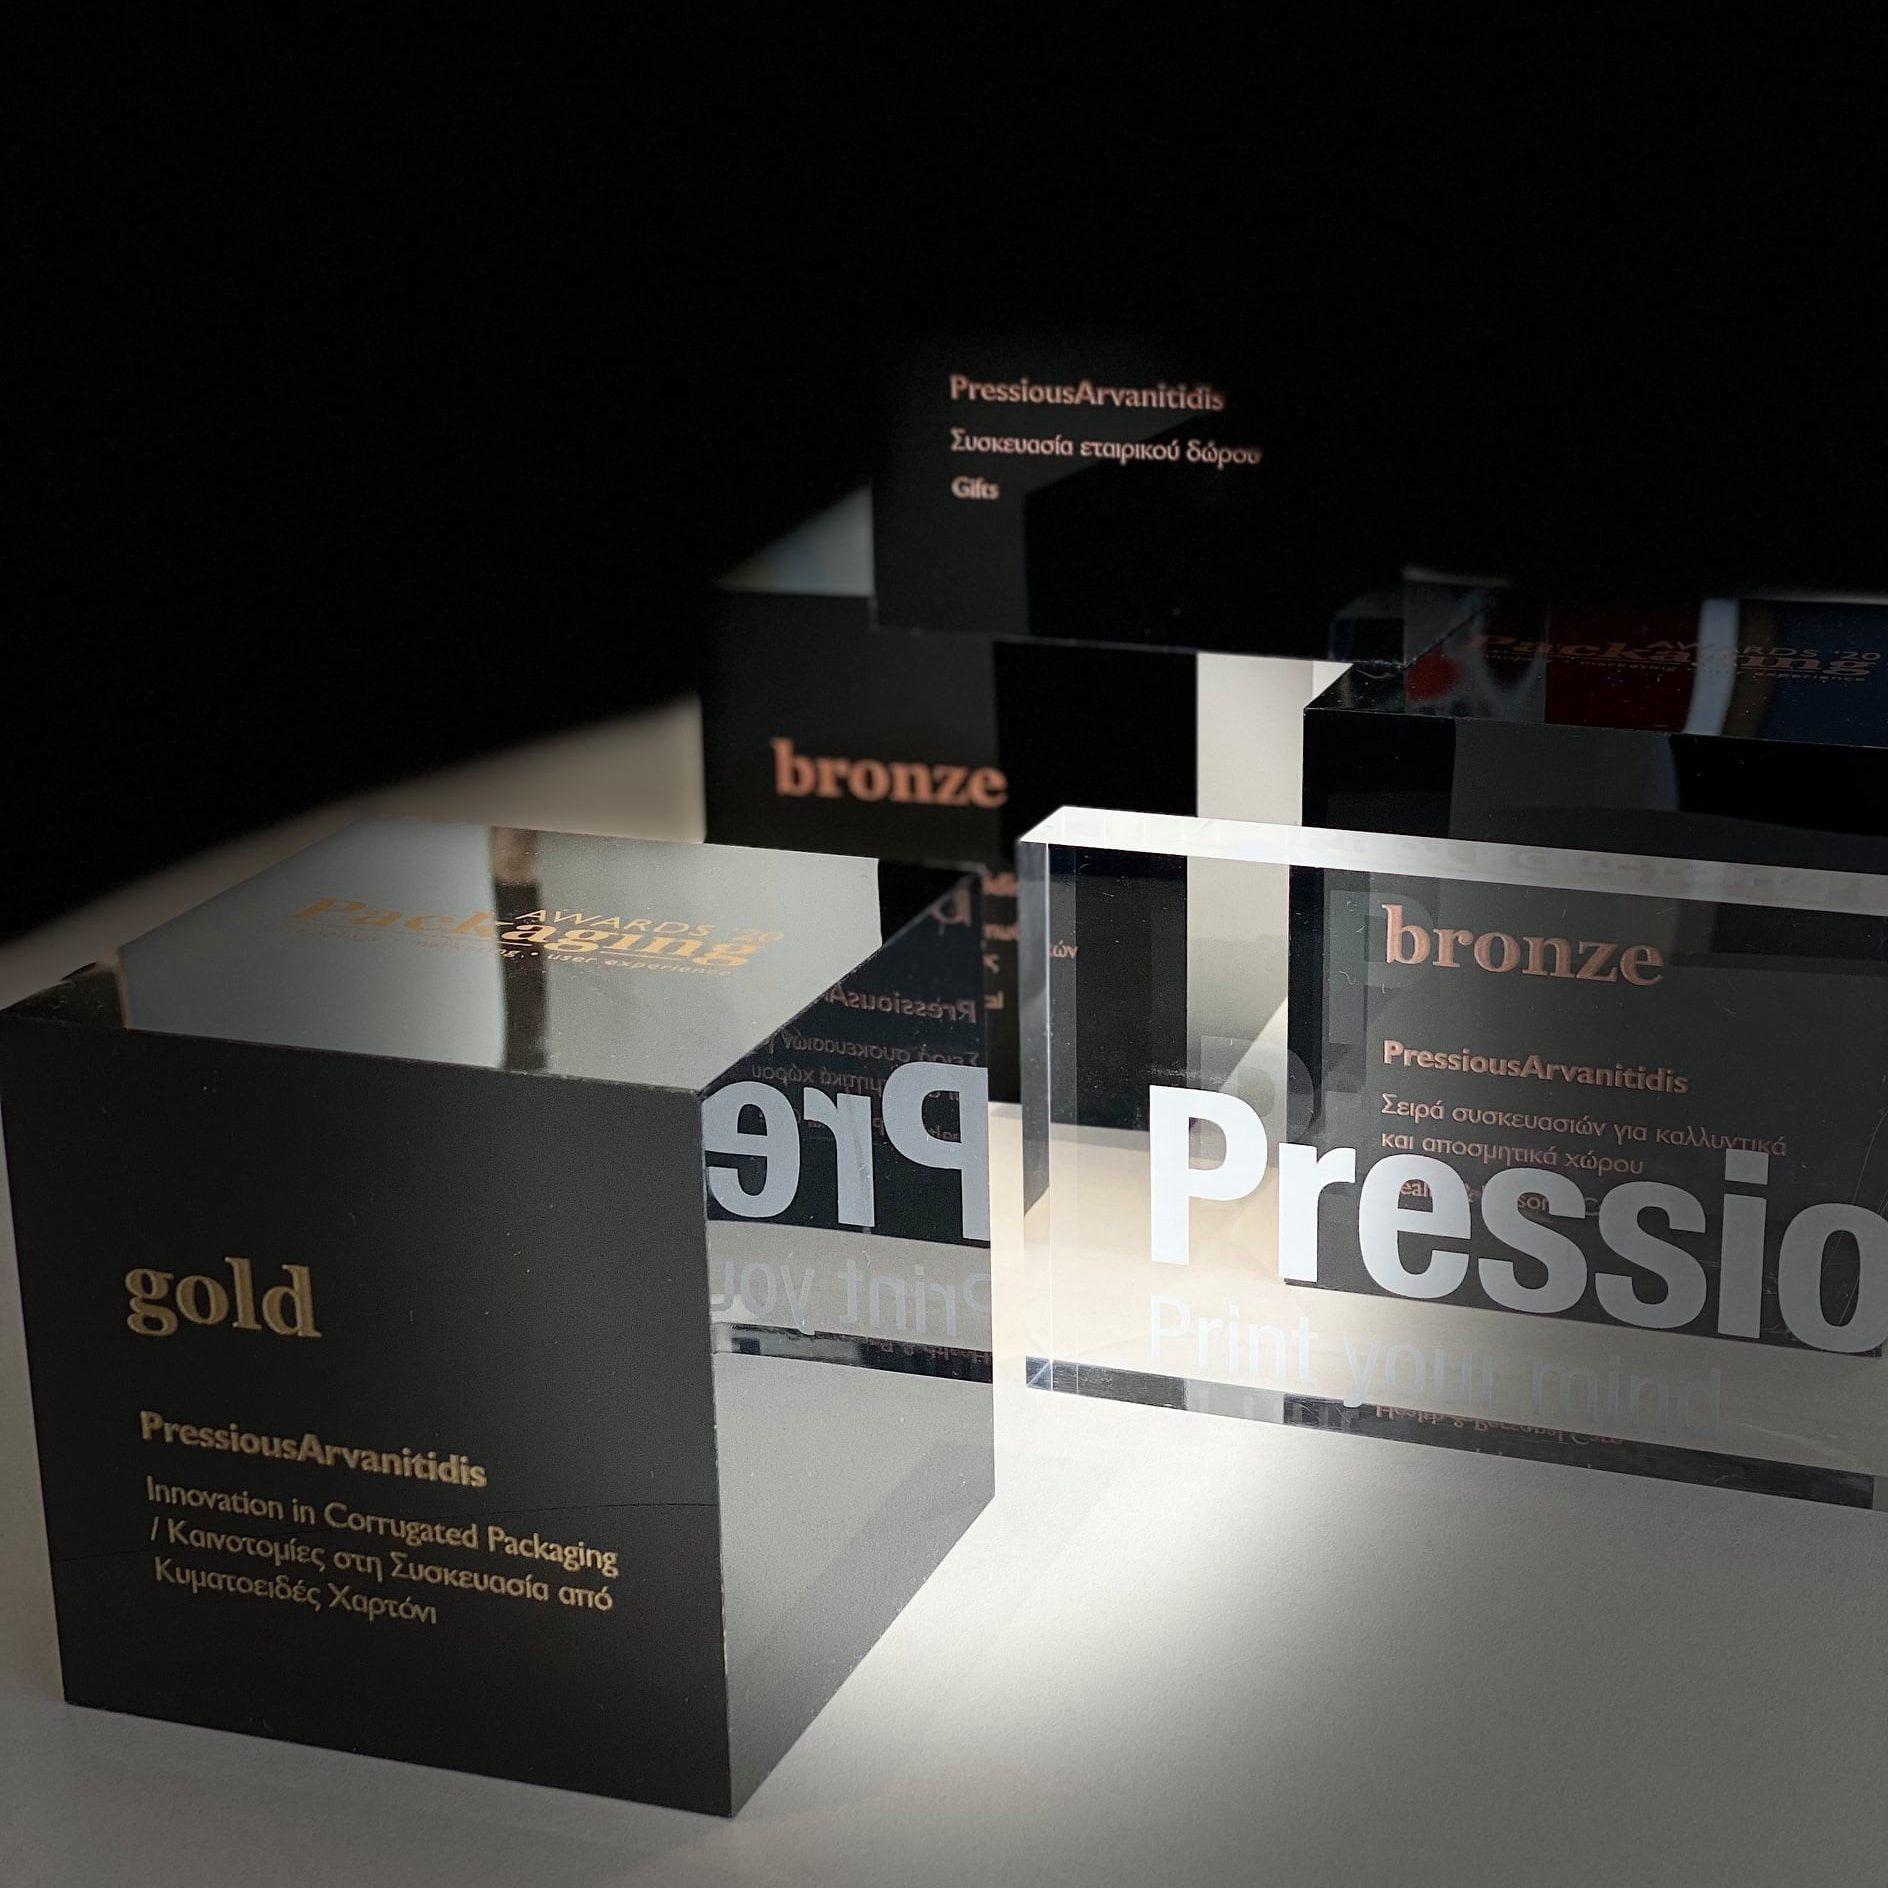 Αισθητή η παρουσία της PressiousArvanitidis στη διοργάνωση των Packaging Awards 2020